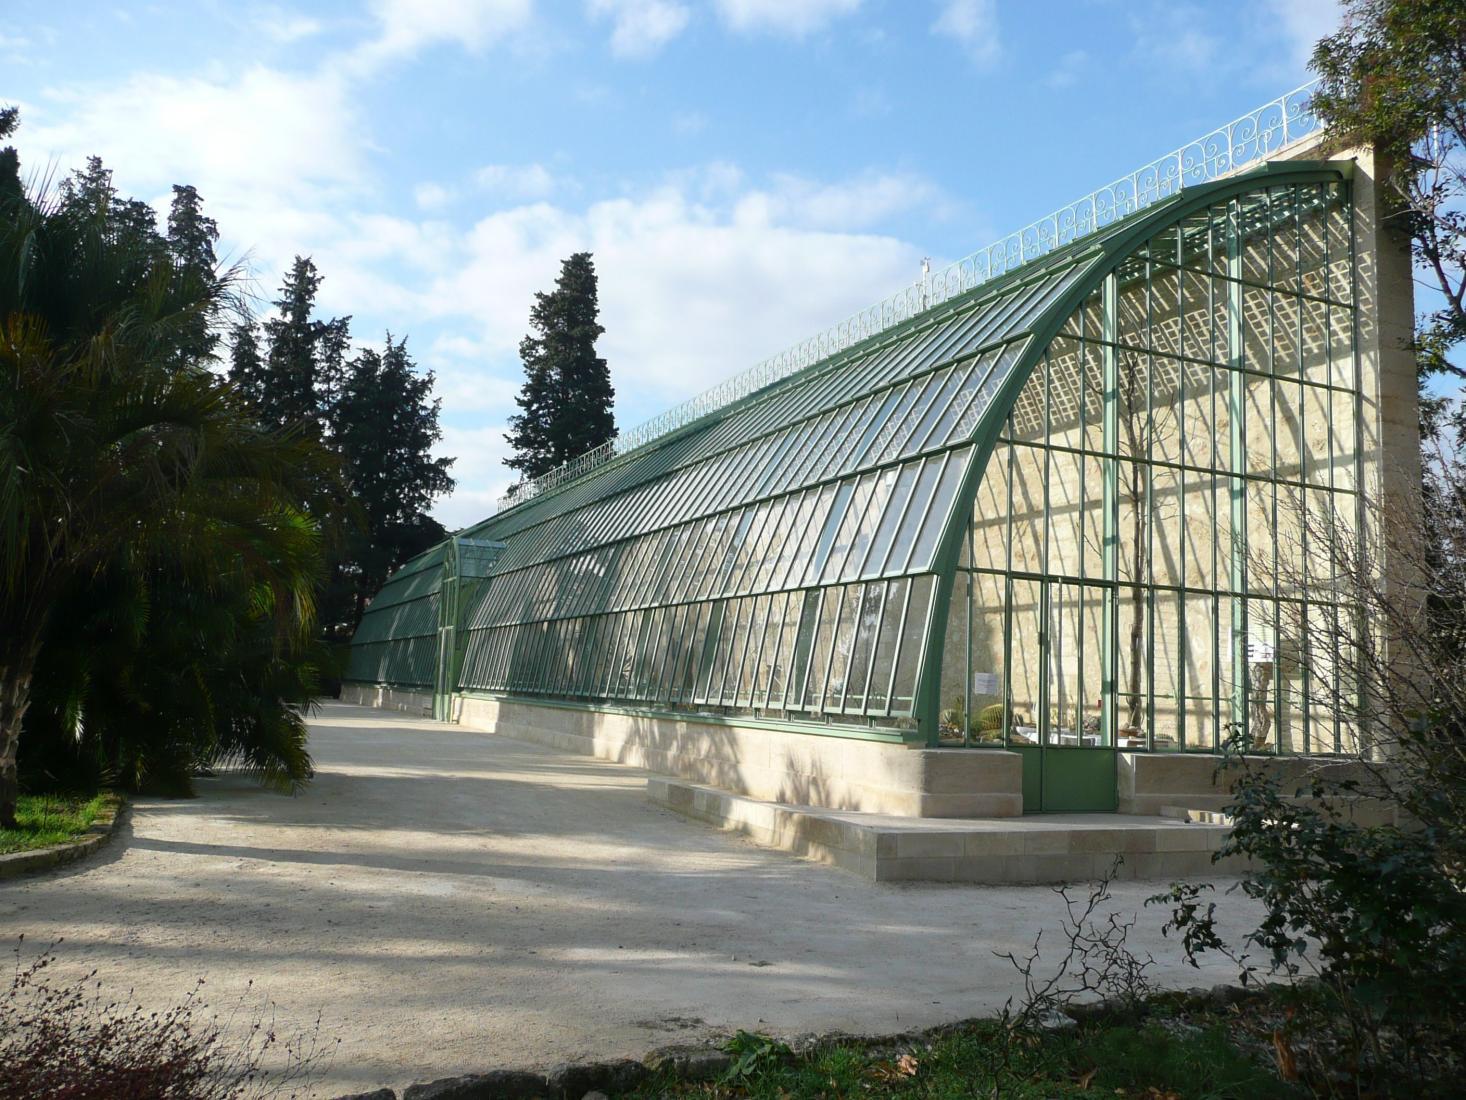 Apjlr Jardin Des Plantes